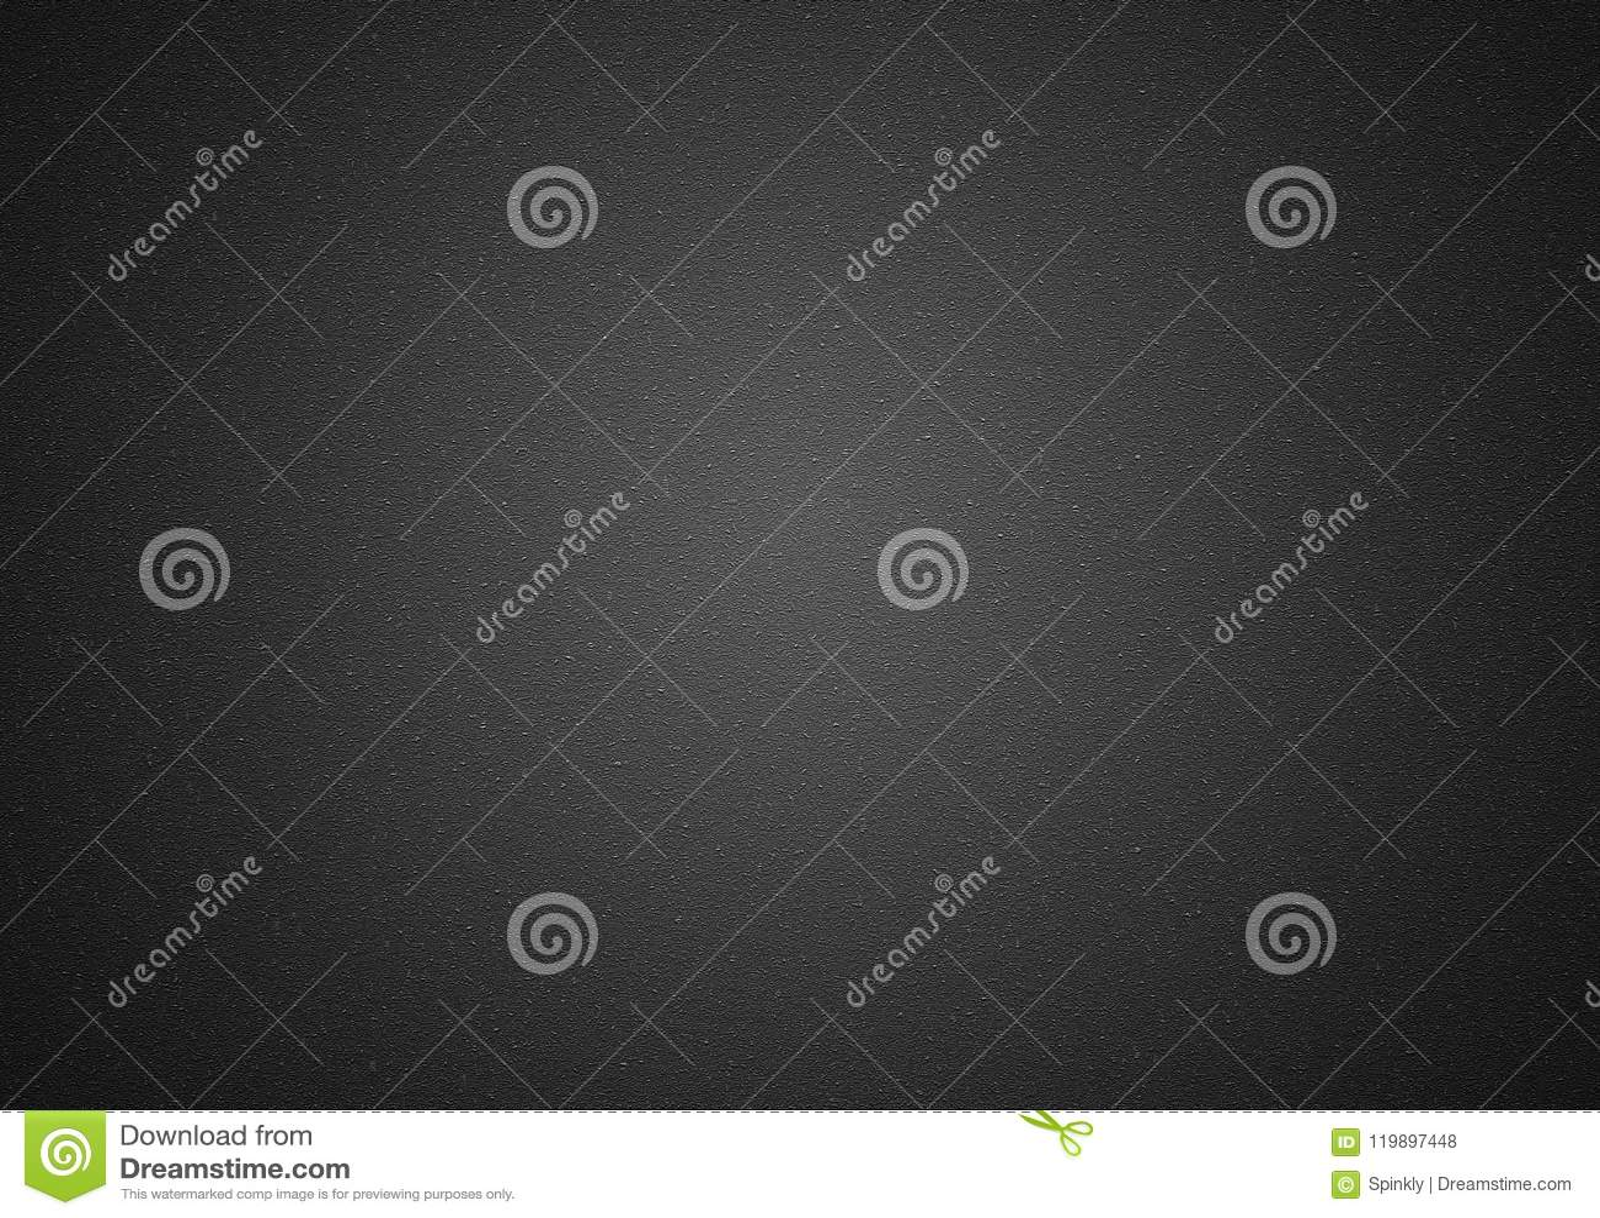 Donker grijs geweven tarmacbehang als achtergrond